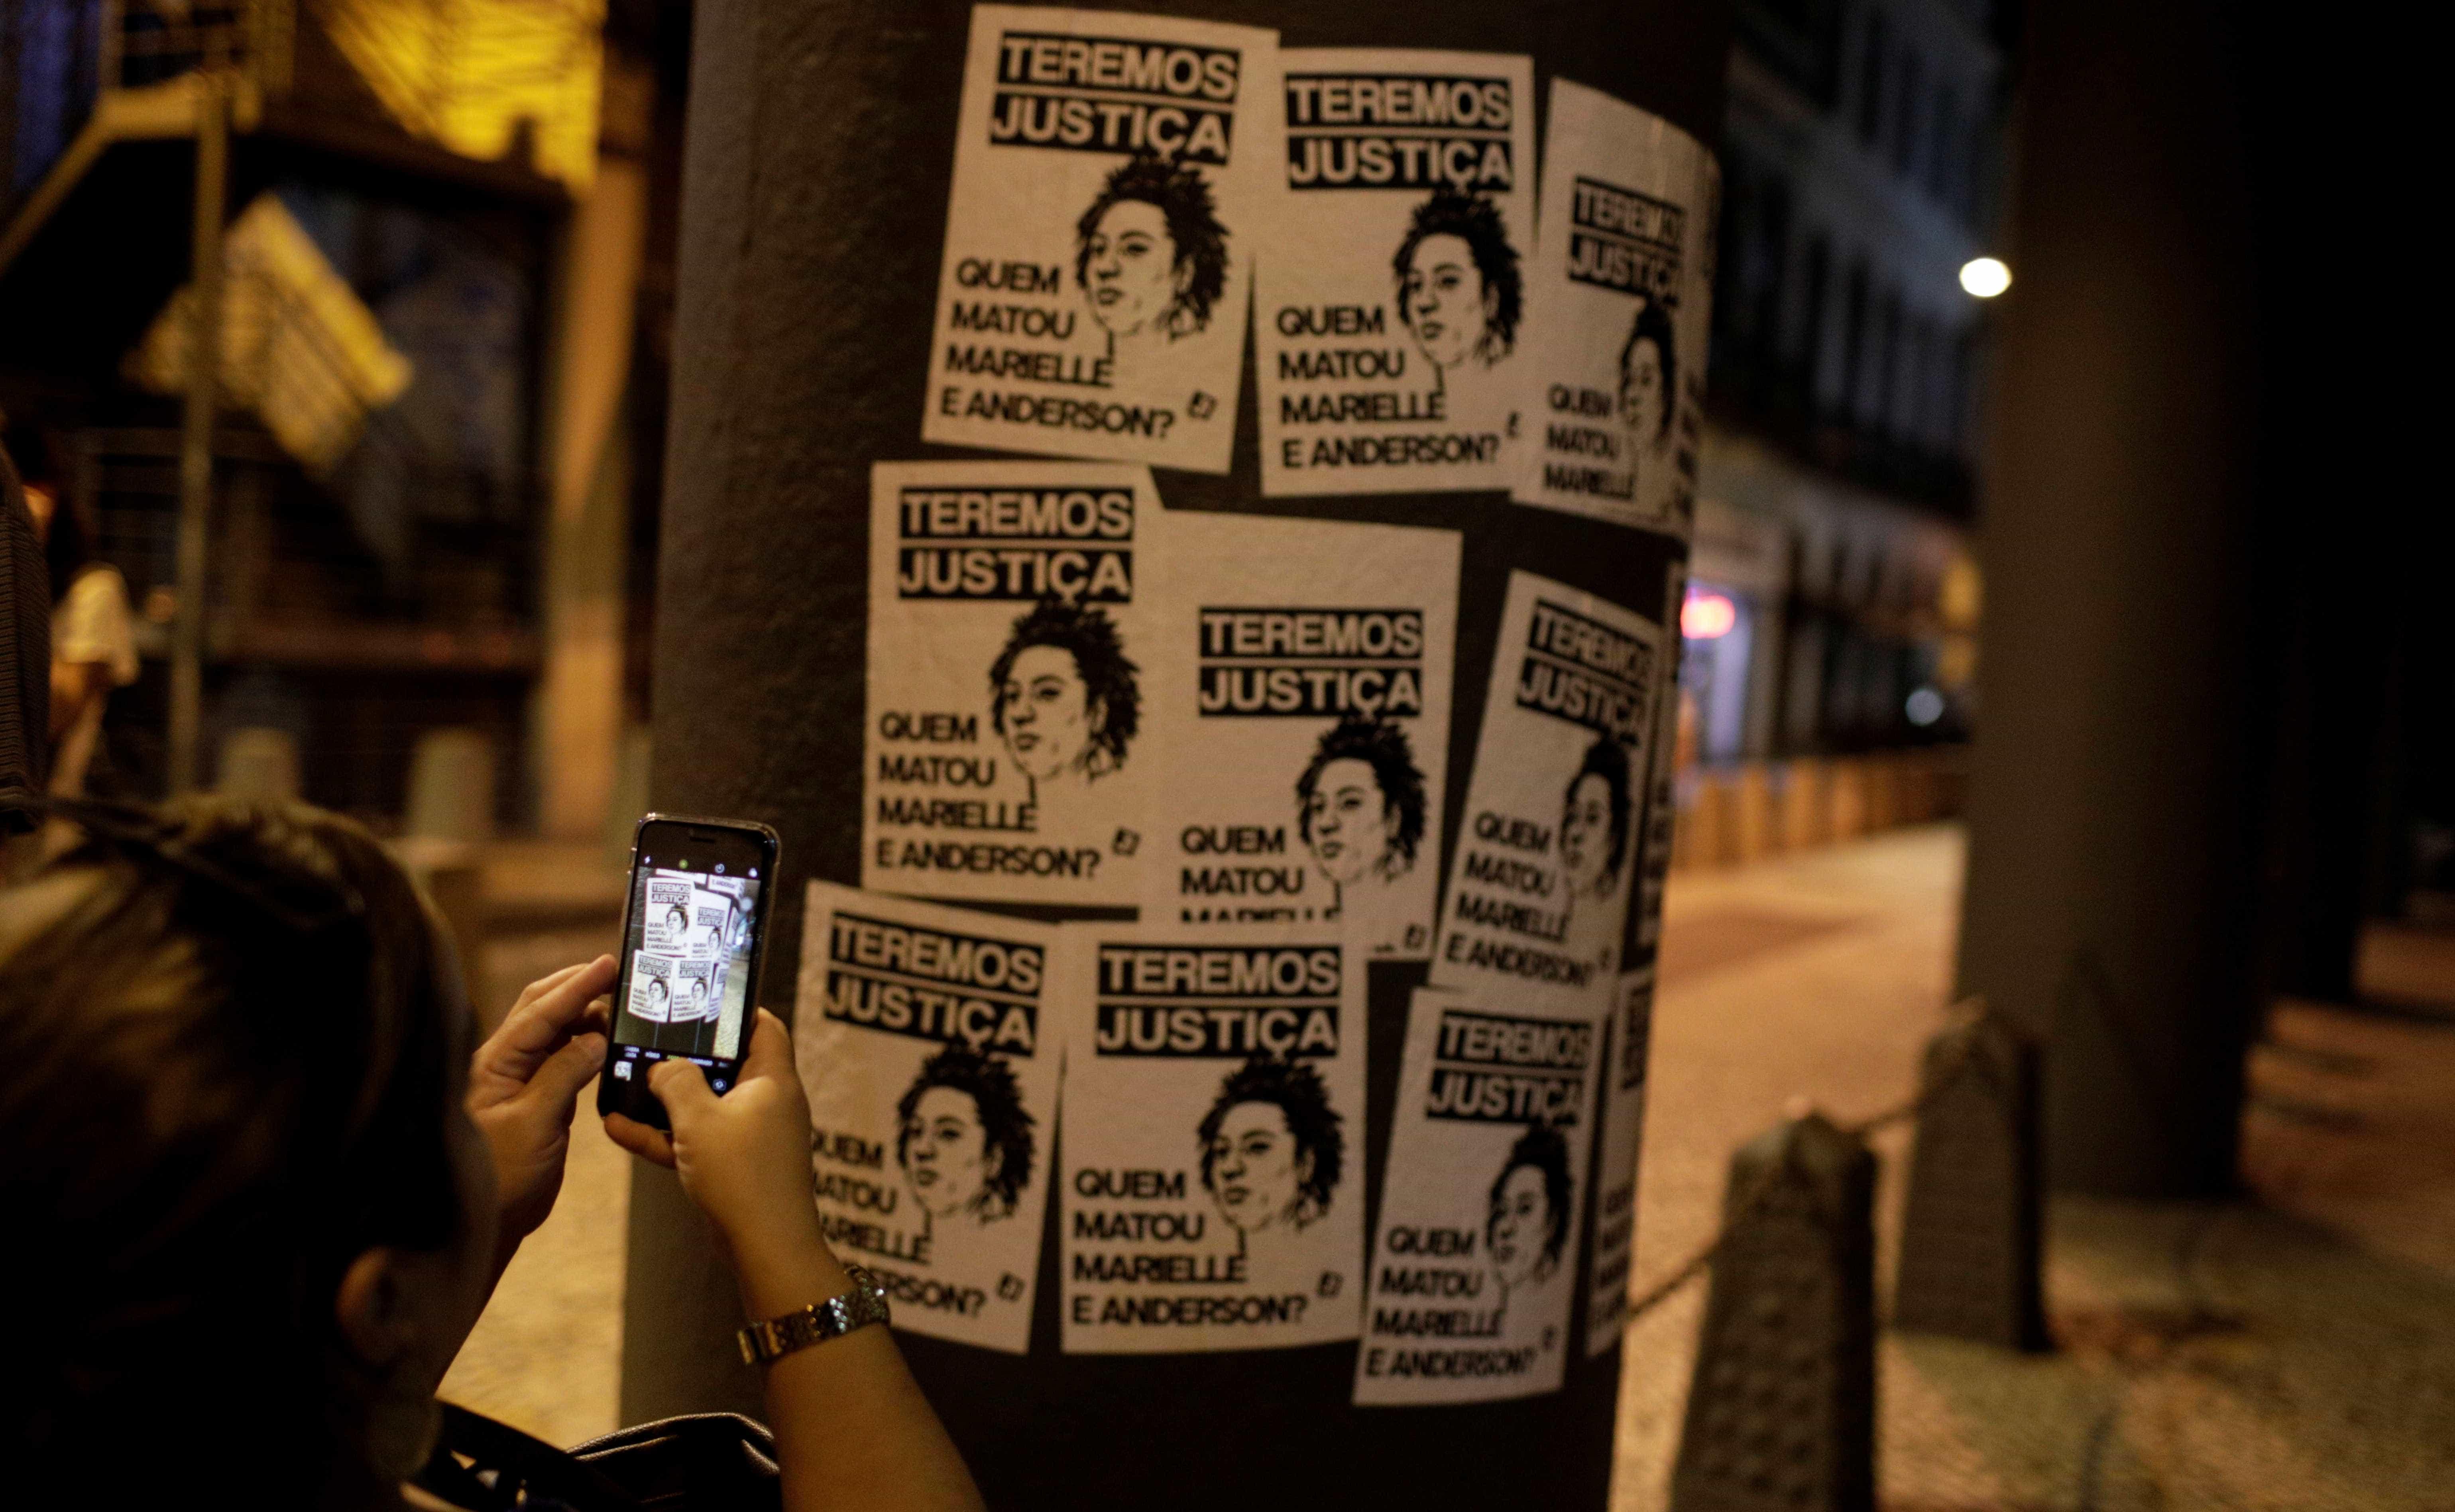 Assessora de vereadora Marielle Franco deixa o Brasil por medo